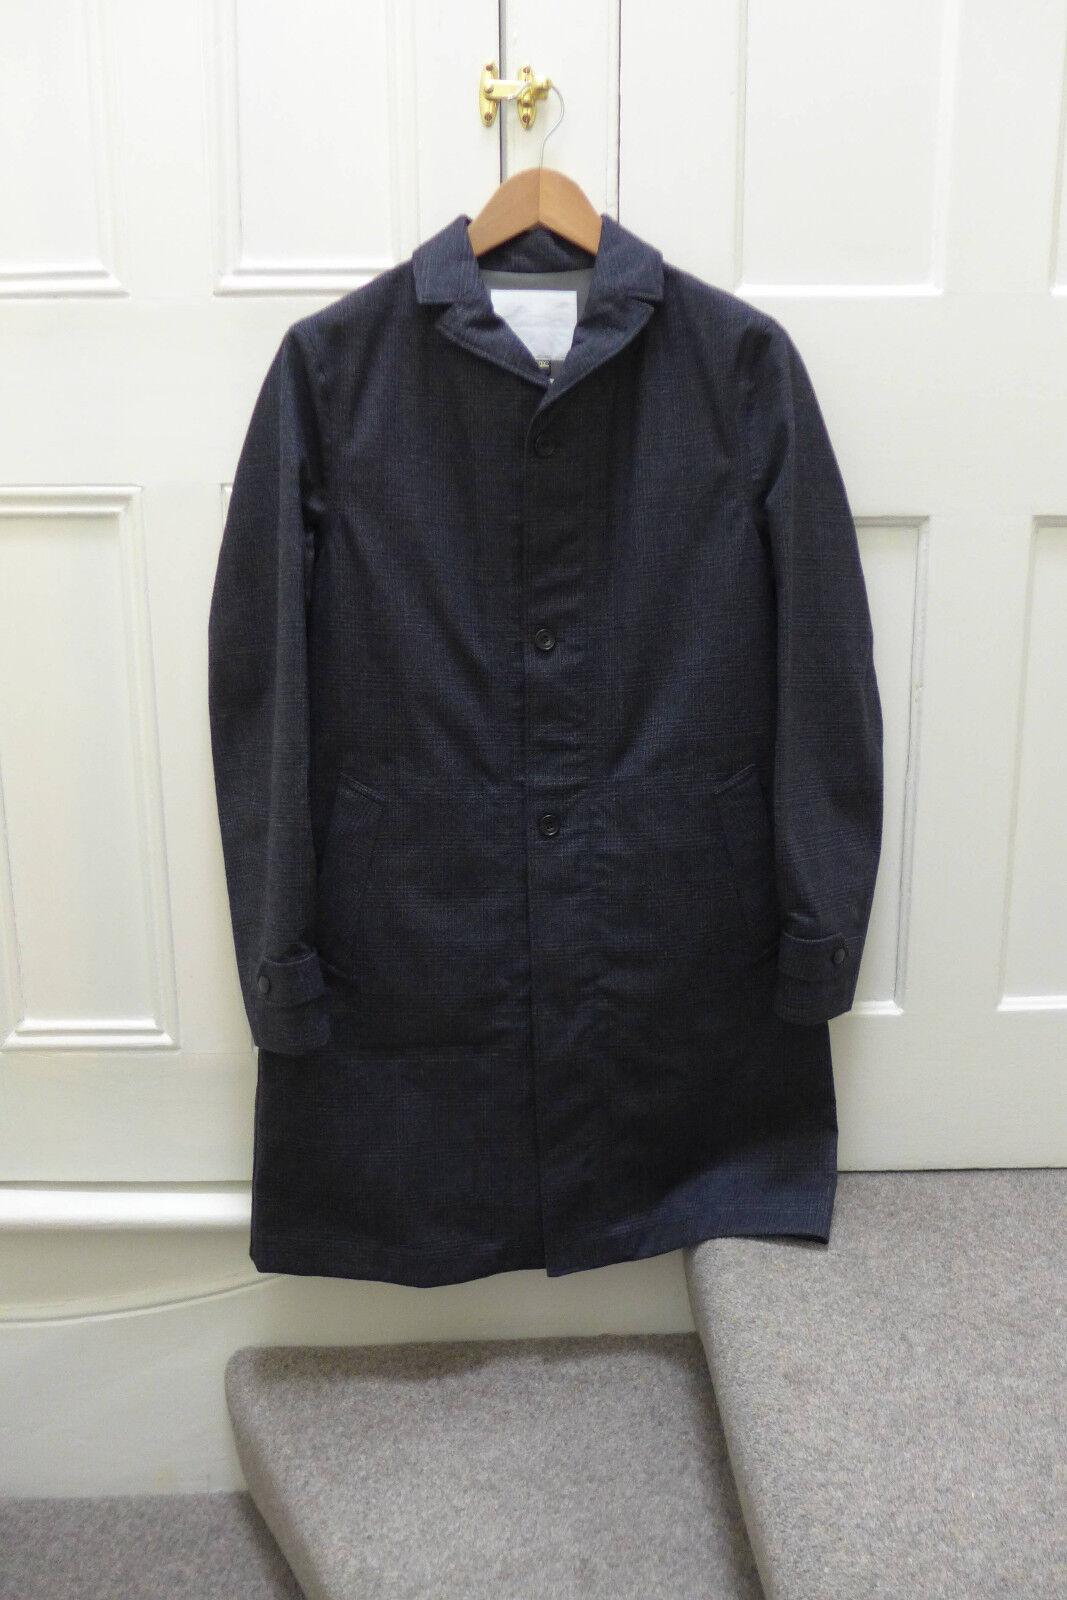 Weiß Mountaineering Chester Gore-Tex Coat, Größe 2/Medium - BNWT